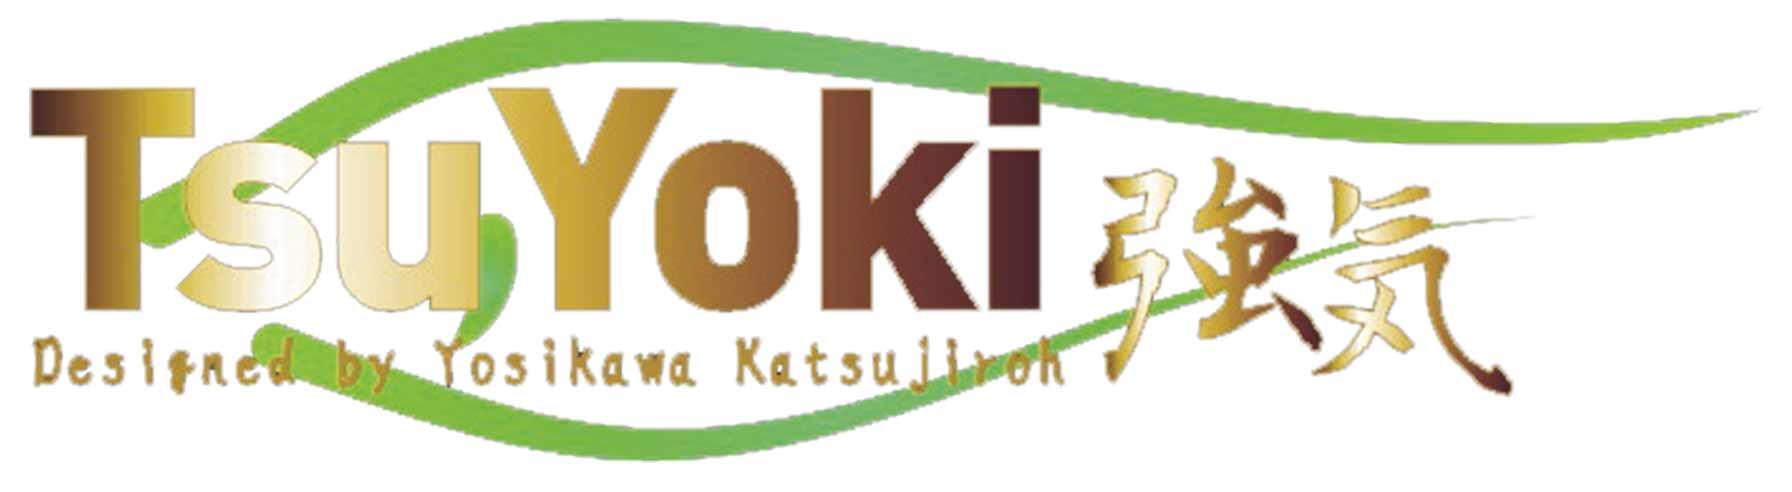 TsuYoki lures